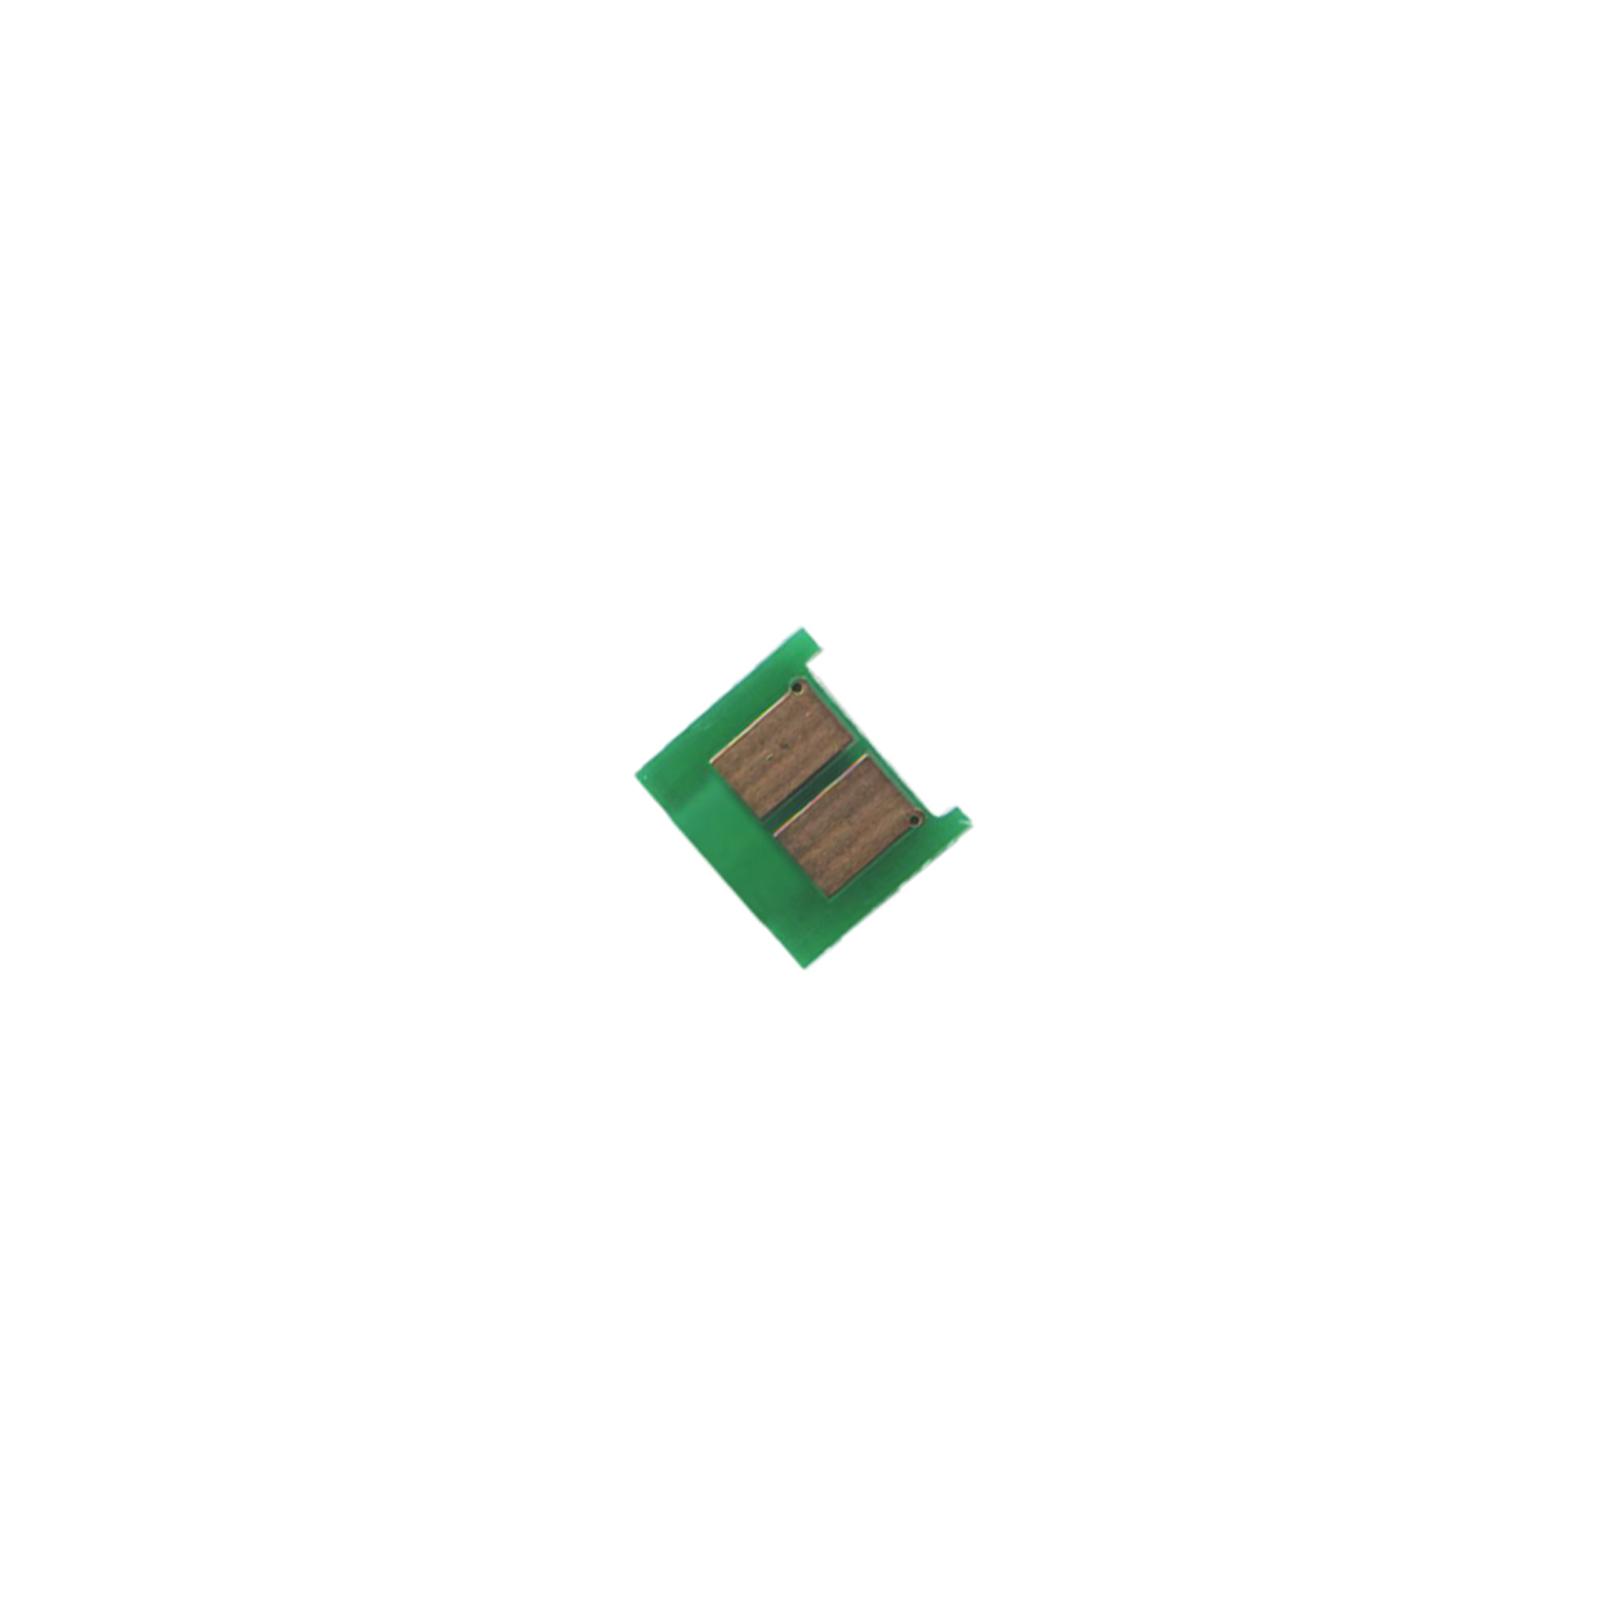 Чип для картриджа AHK HP CLJ CP1025/1215/2025/3525/Canon 716/718/729/722 B/C/M/Y (1800408)